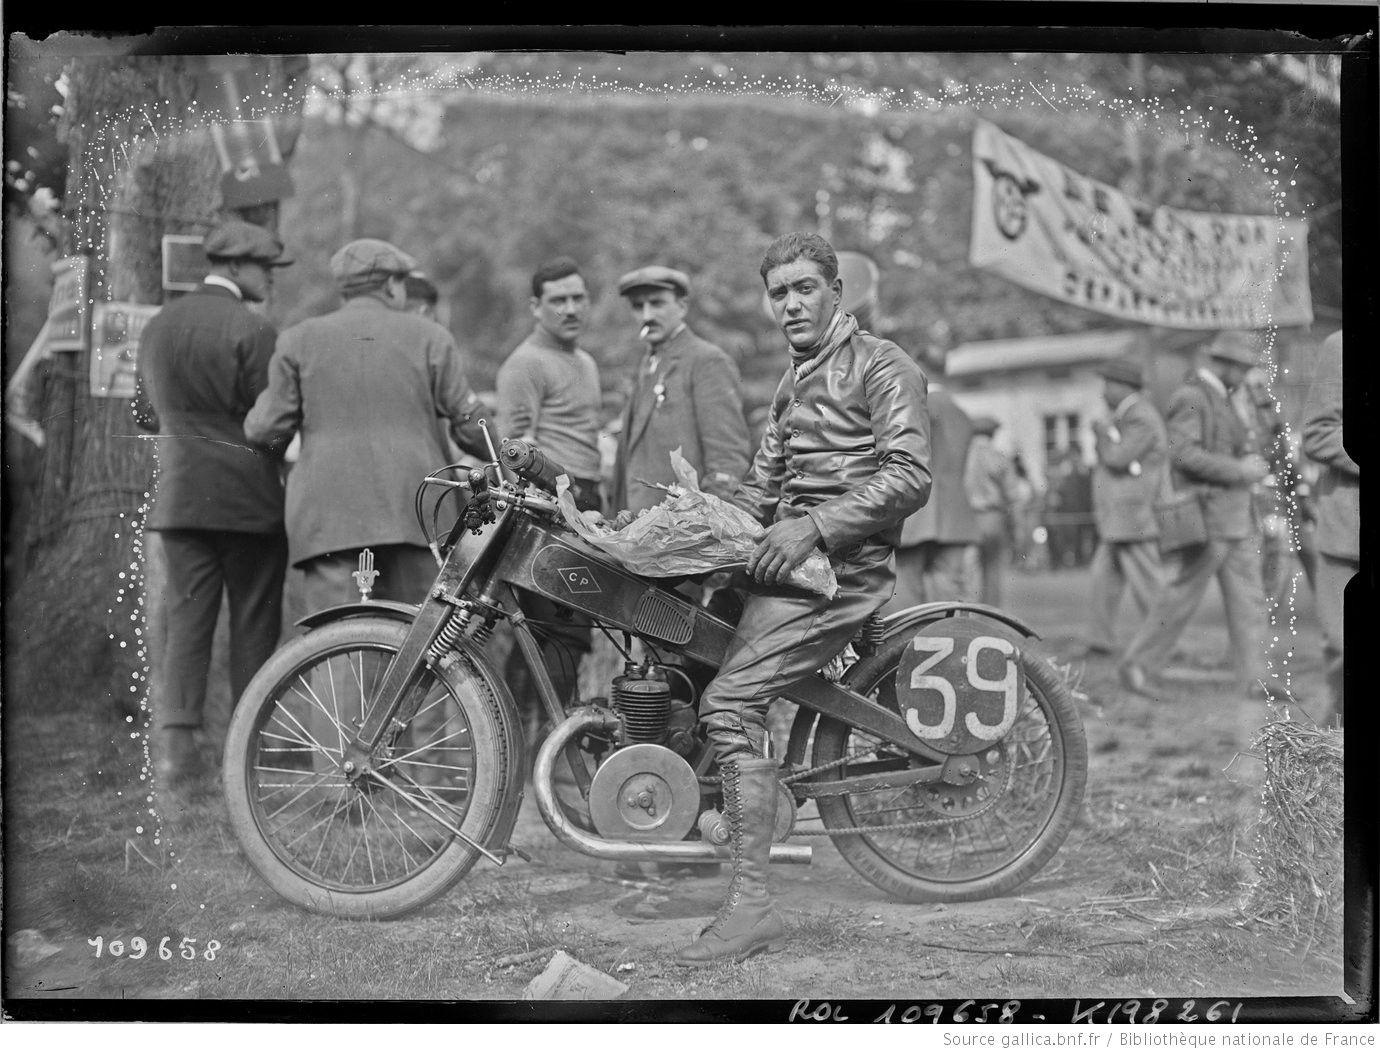 motos photos d'époque - Page 2 F1